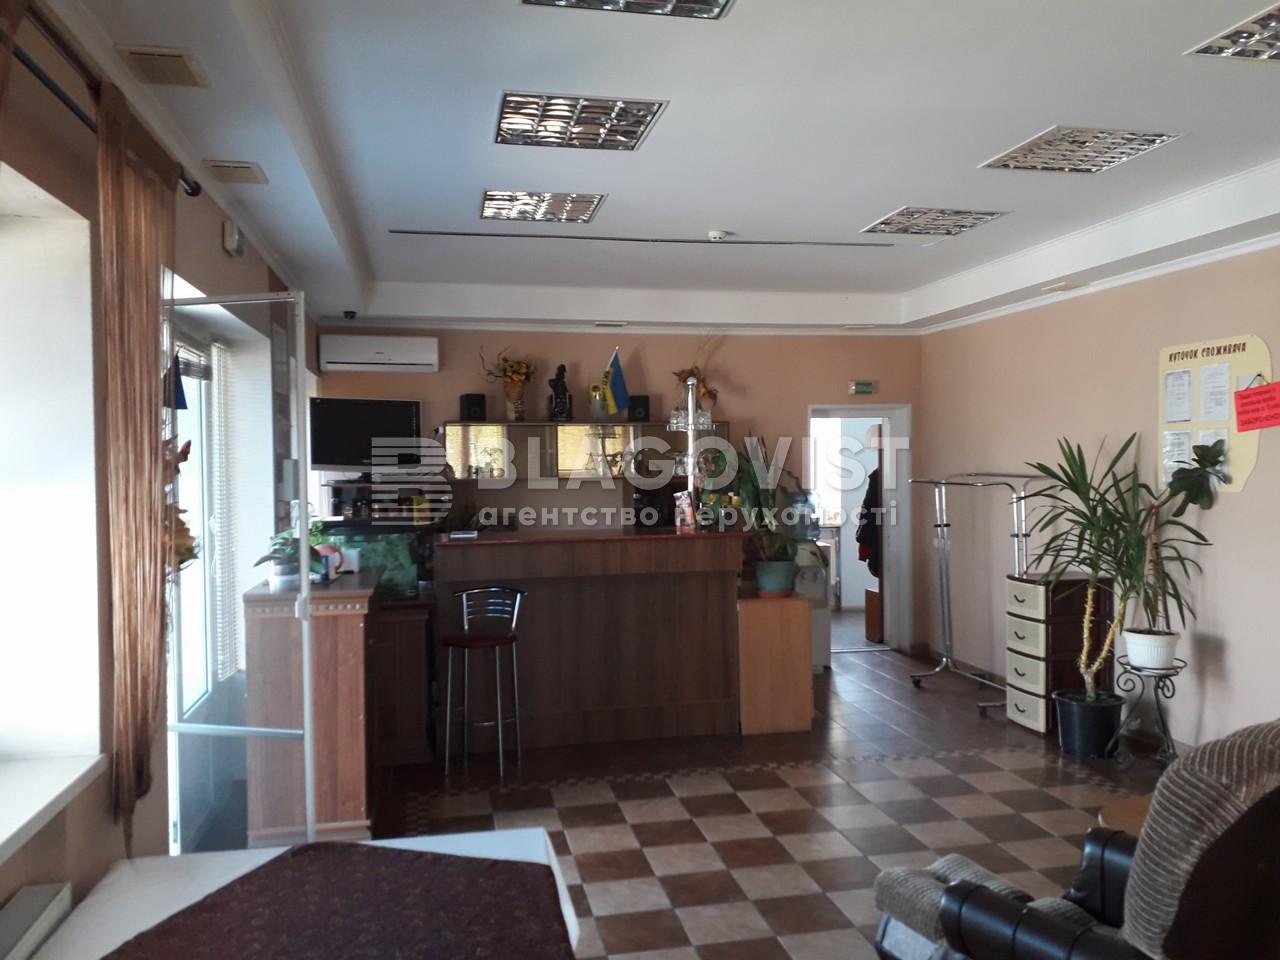 Нежилое помещение, A-110169, Калиновка (Броварской) - Фото 6